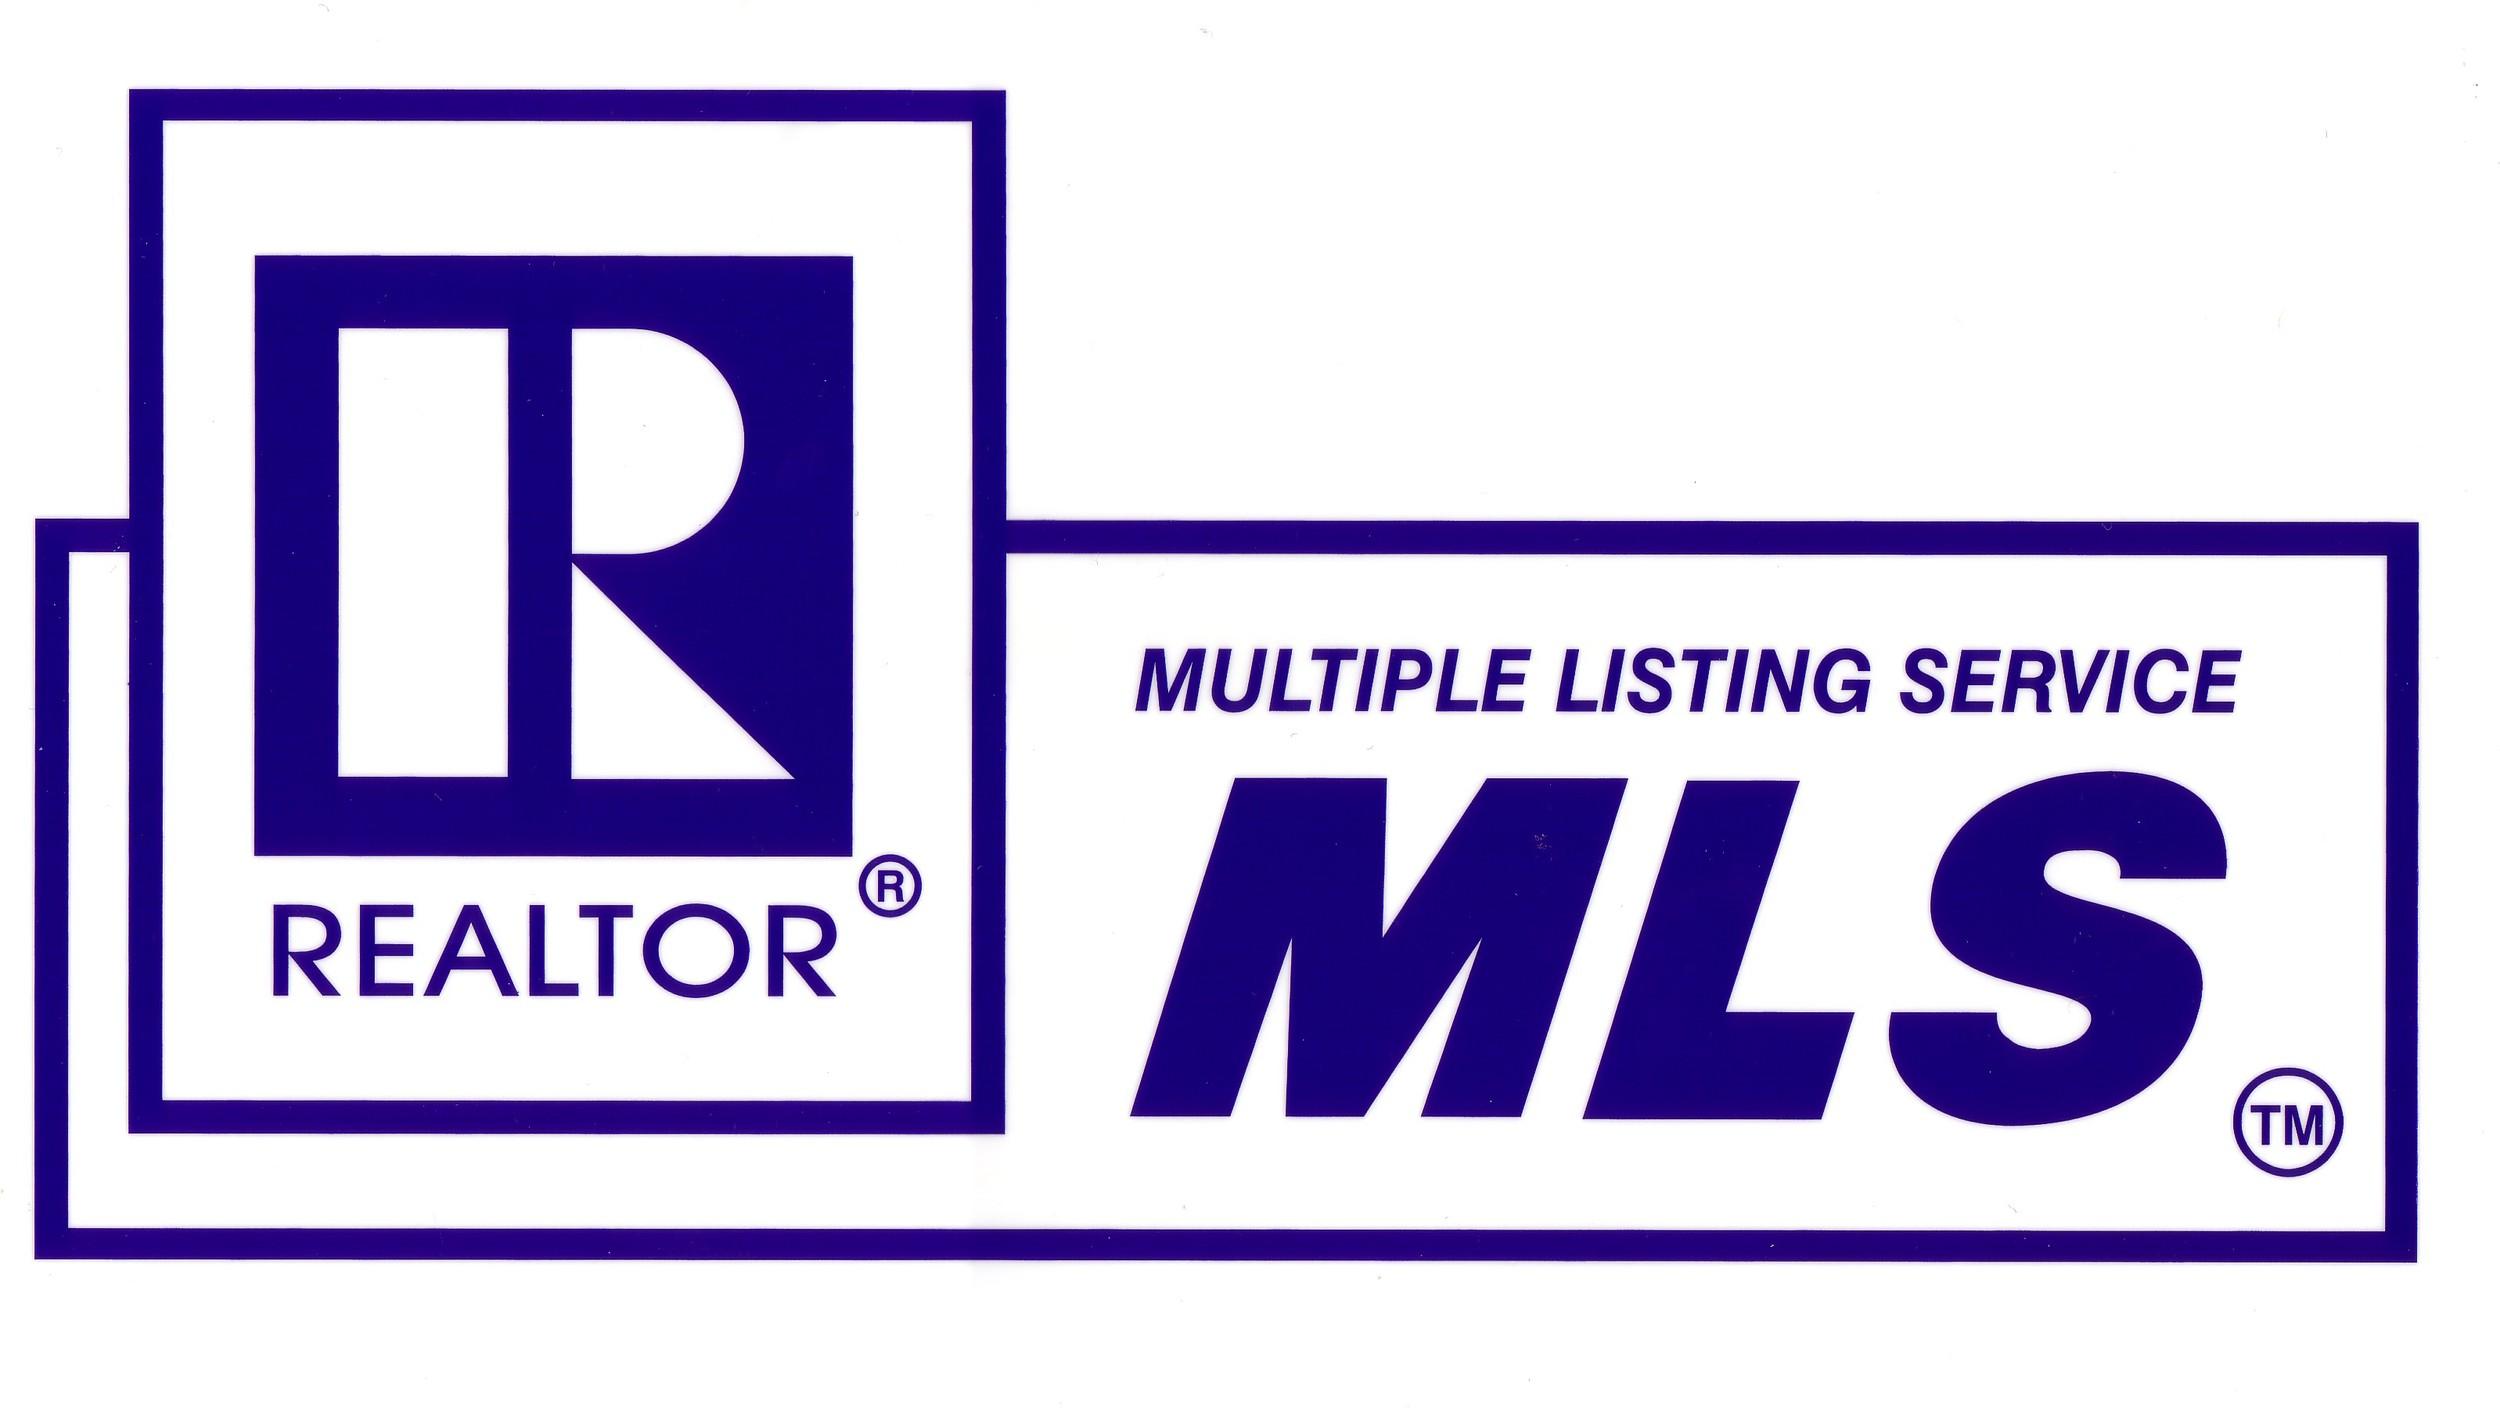 Realtor logo.jpg